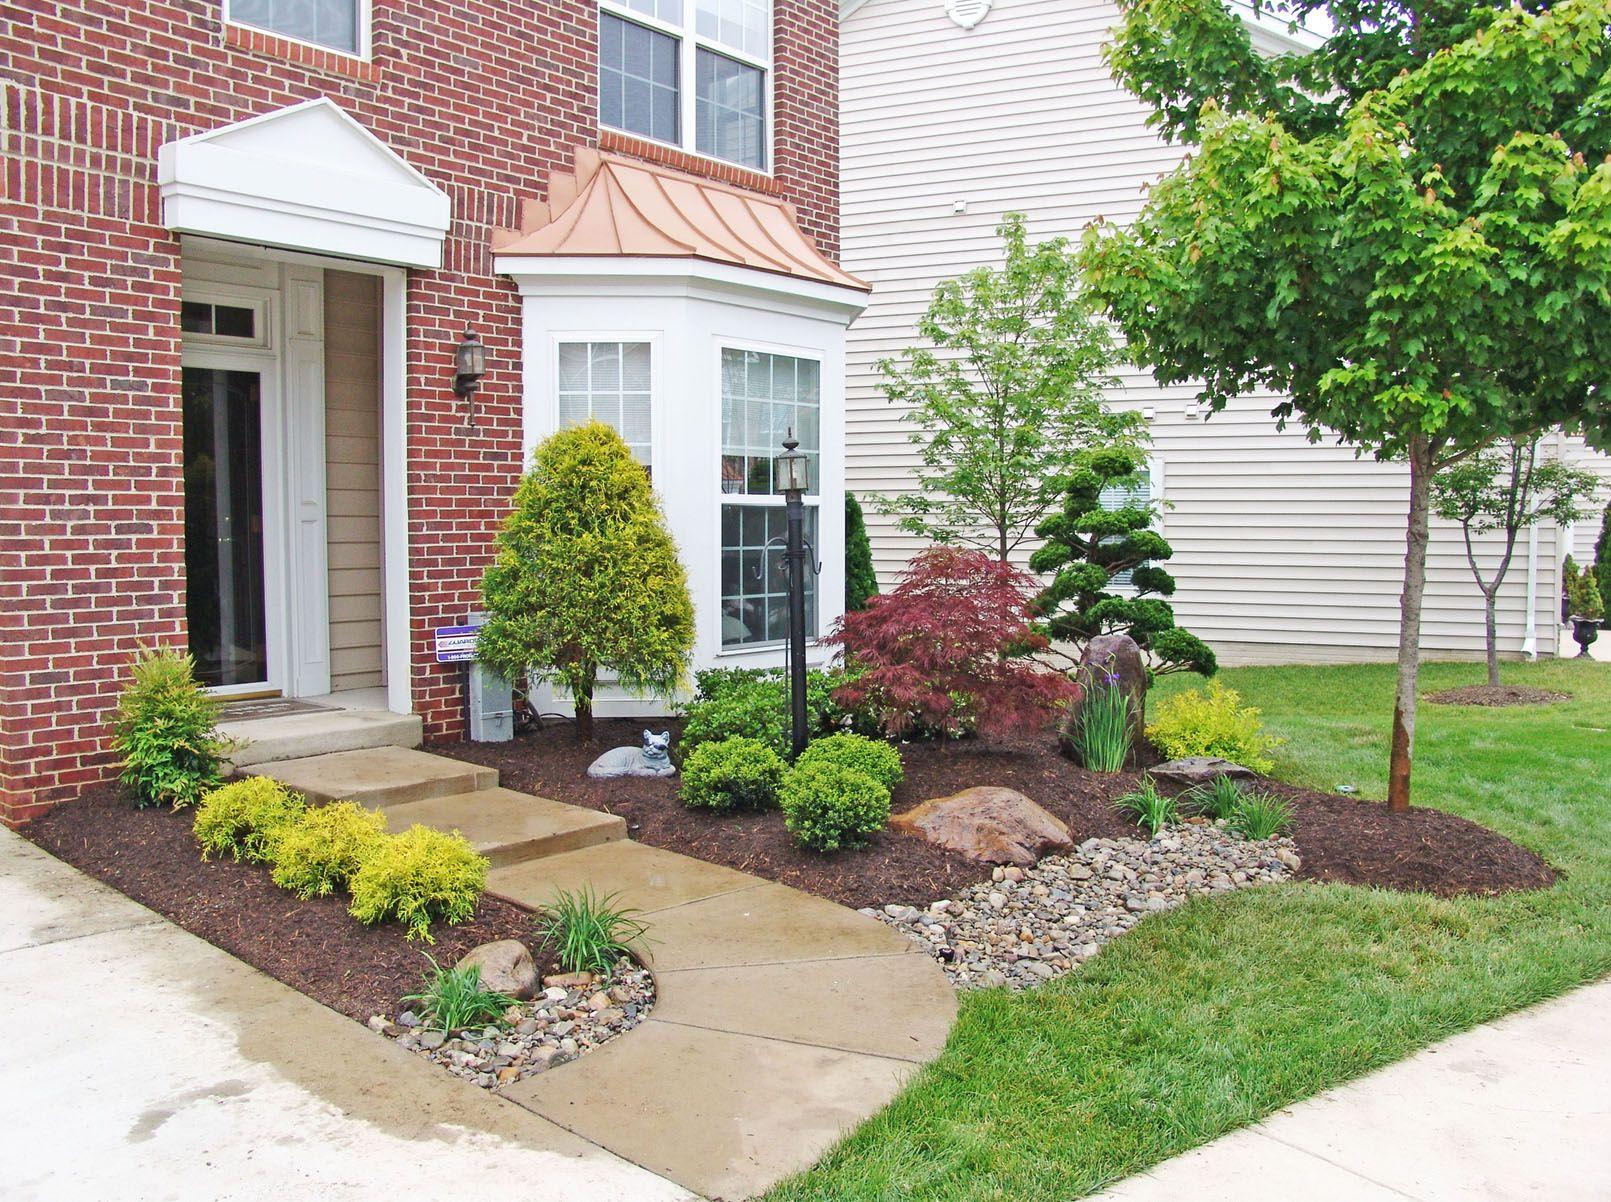 house entrance garden ideas photo - 10